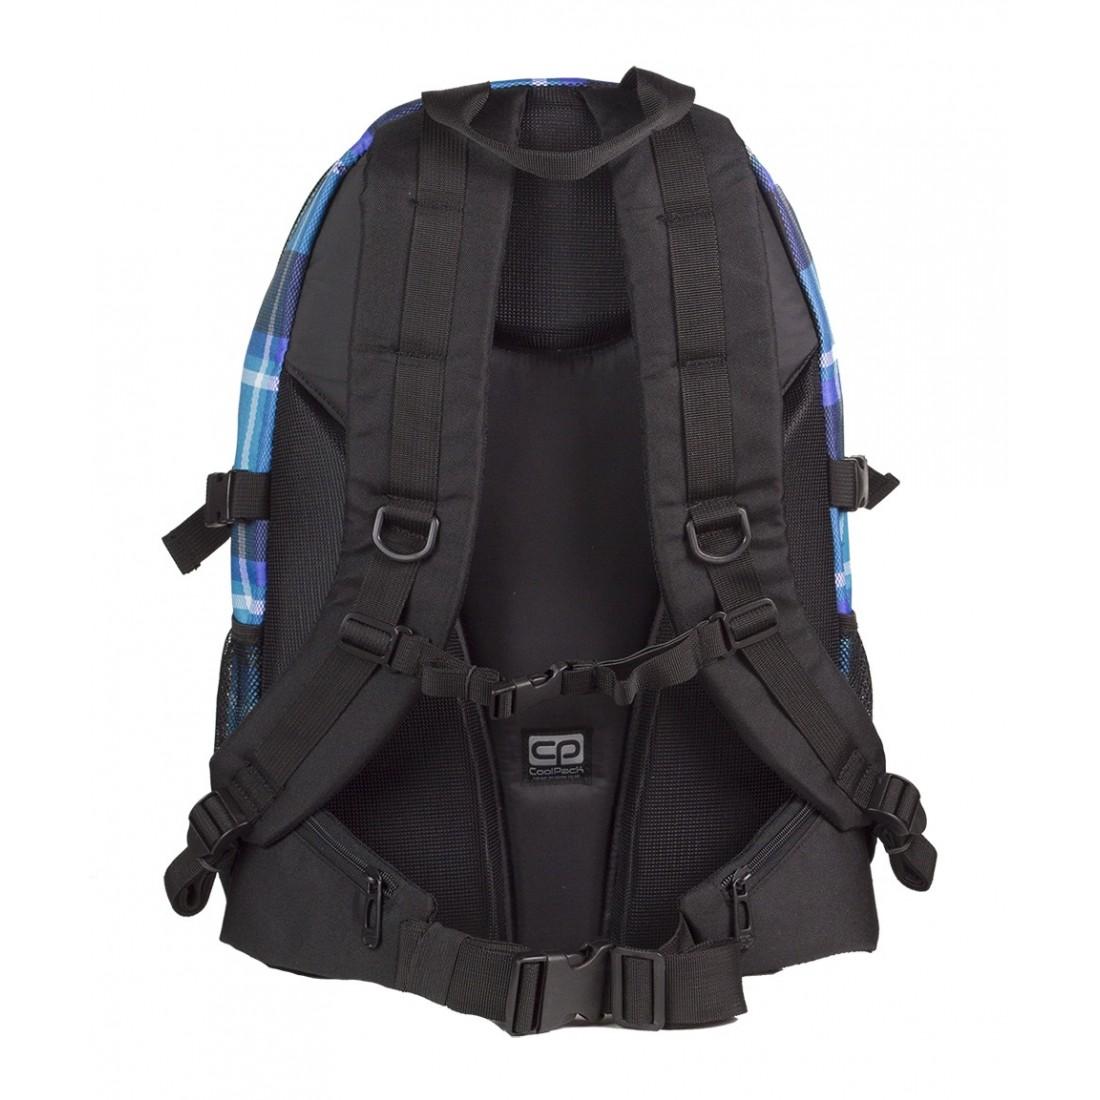 Plecak młodzieżowy CoolPack CP GRAND SCOTT 384 duży niebieski w kratkę - 3 przegr